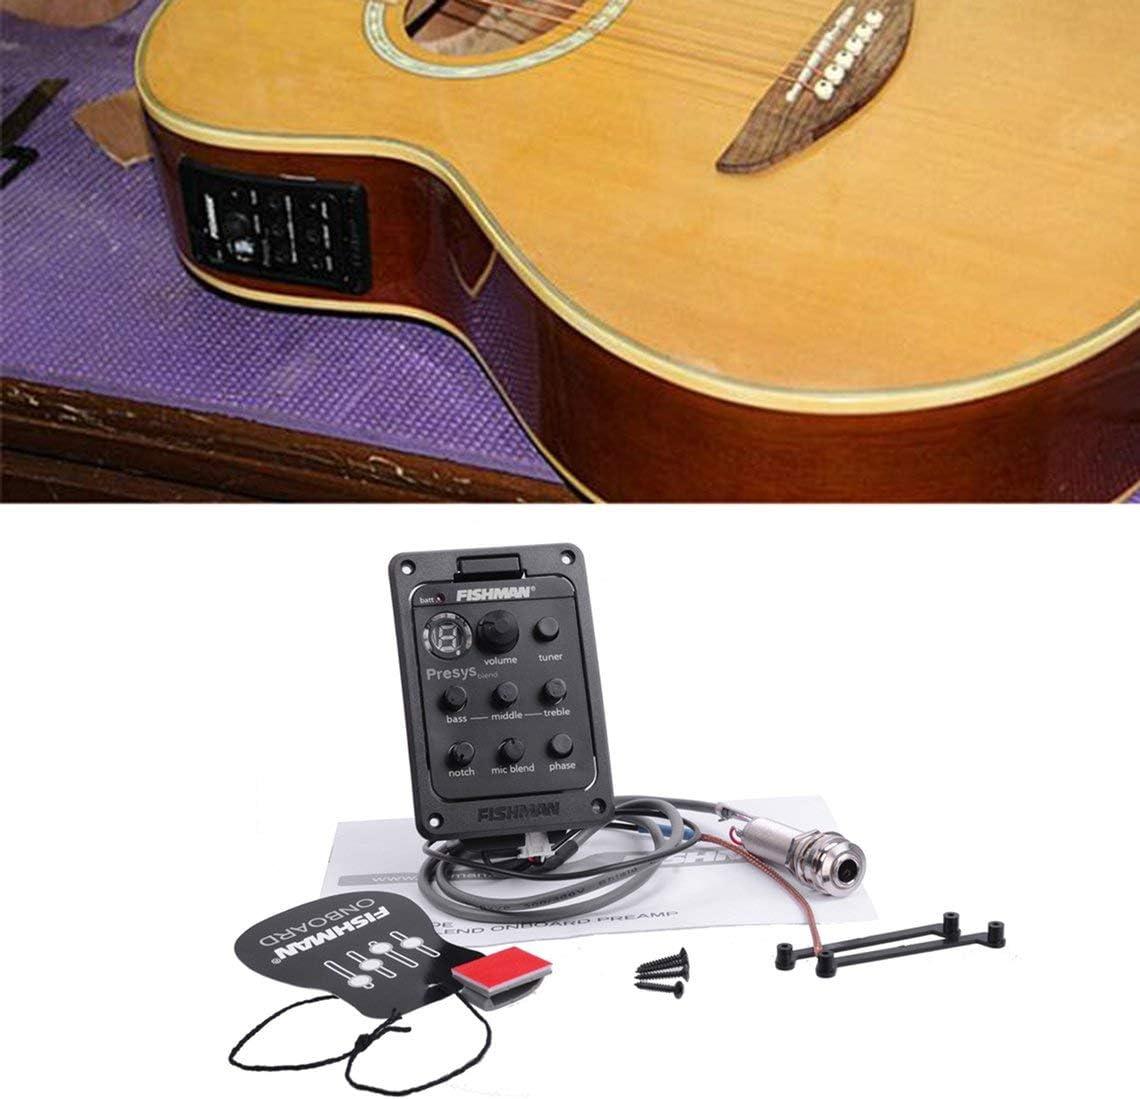 Colore: Nero Fishman 4-Band EQ Equalizer Guitar Preamp Piezo Chitarra acustica Pickup Guitar Tuner con Mic Beat Board Certificazione CE